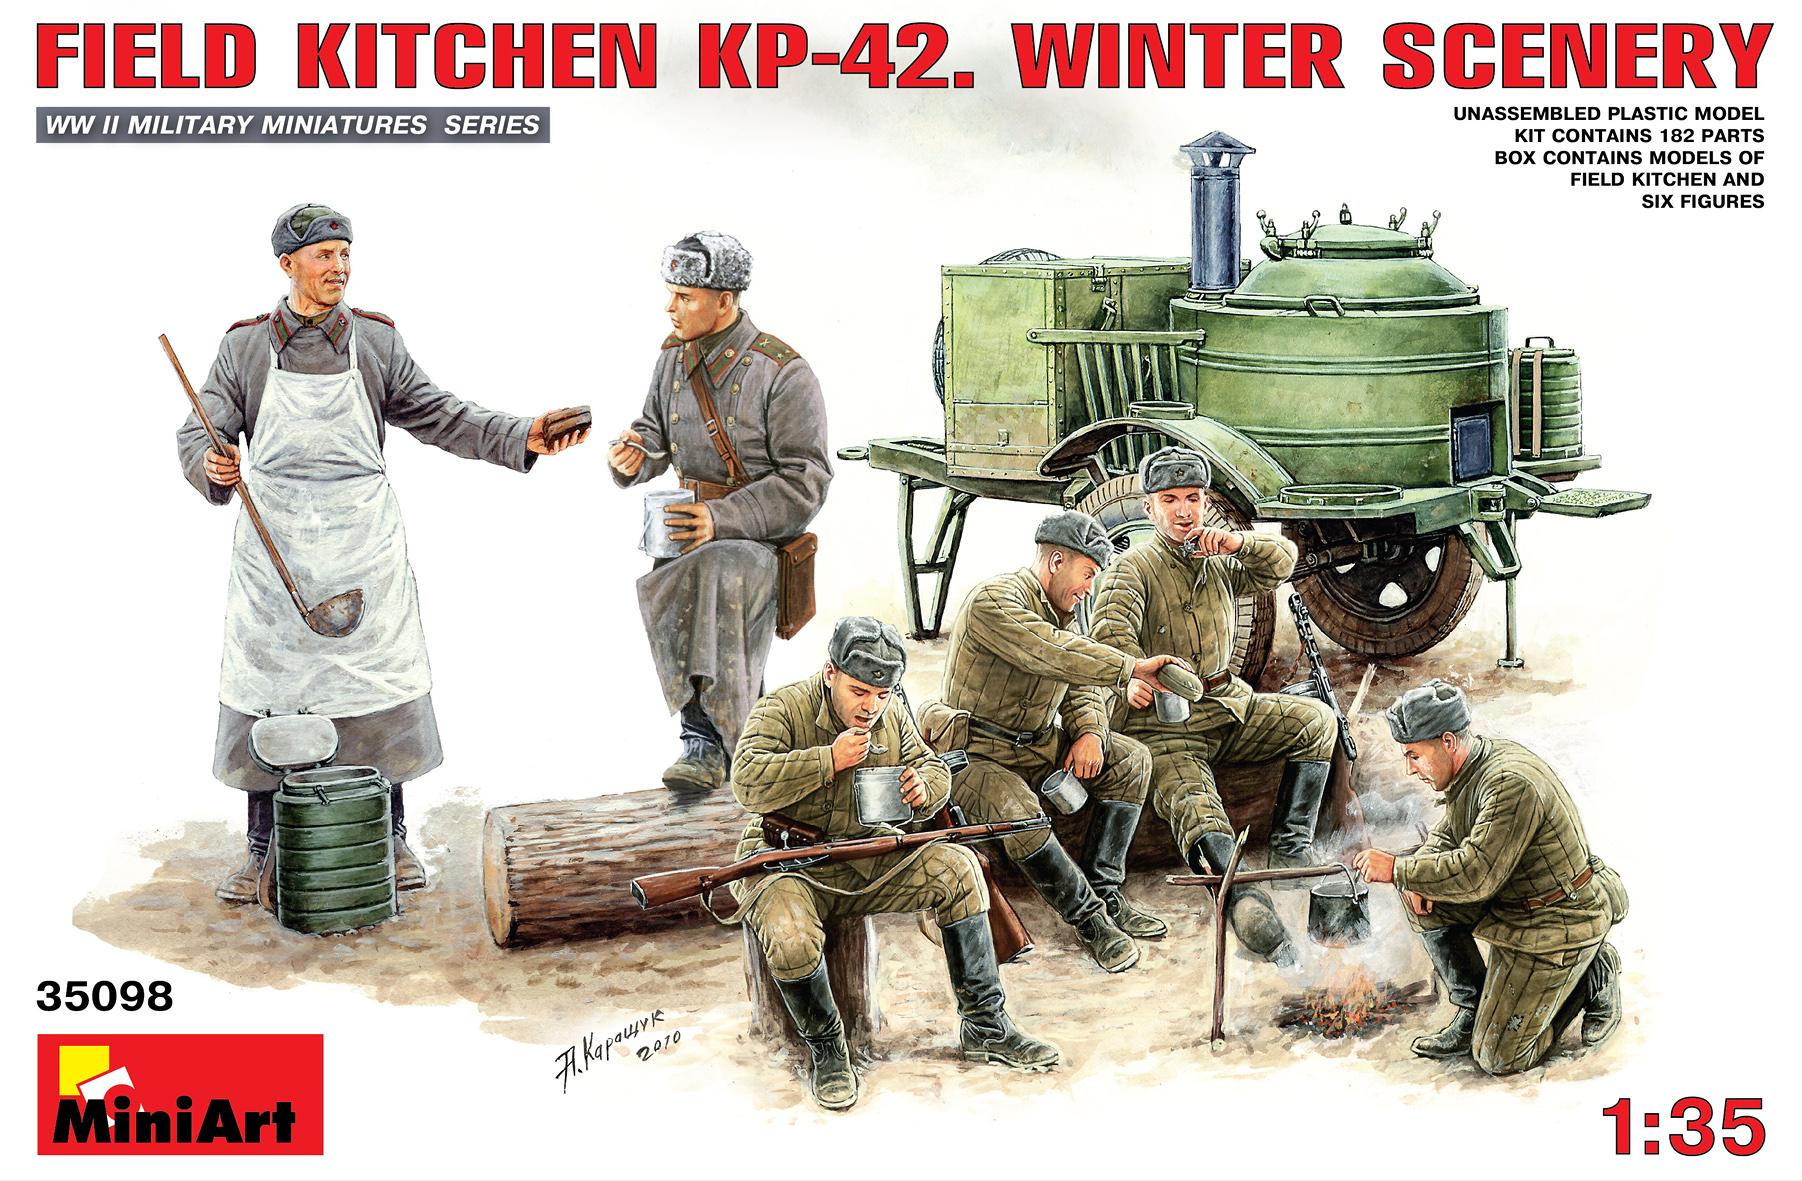 35098ソビエトフィ-ルドキッチンKP-2冬季バ-ジョンフィギュア6体付